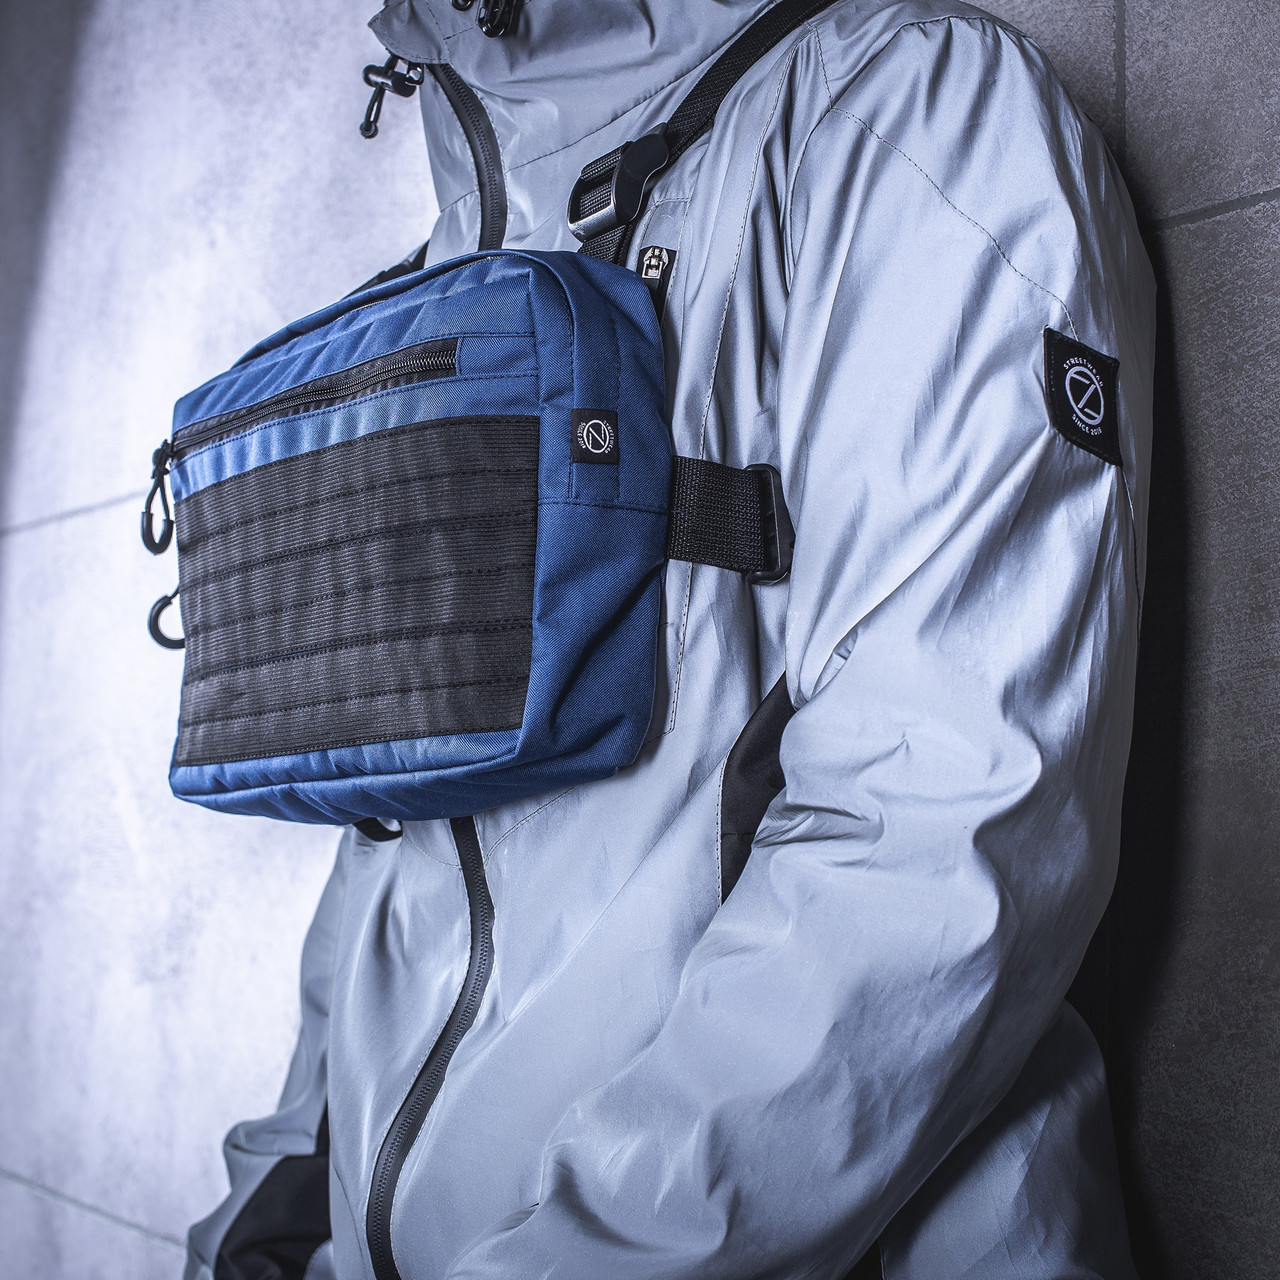 Нагруднаяя мужская сумка BEZET / Бананка / Поясная сумка  / Барсетка (синяя)